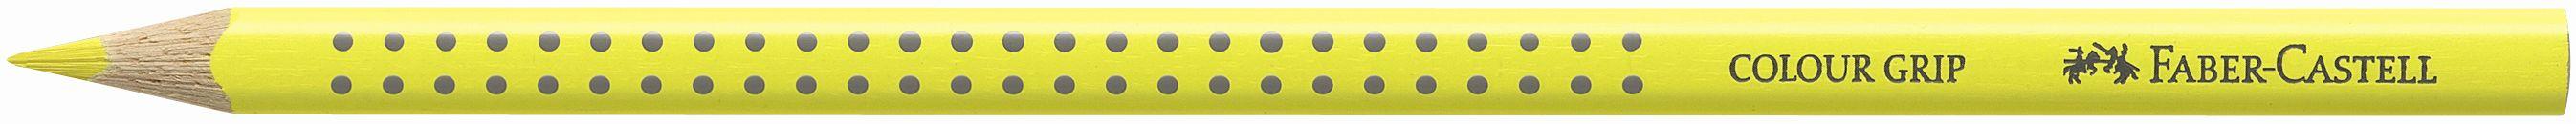 Pastelka Color Grip / 105 světlá kadmiová žlutá Faber Castell - Akvarelové pastelky Faber Castell - Akvarelové pastelky